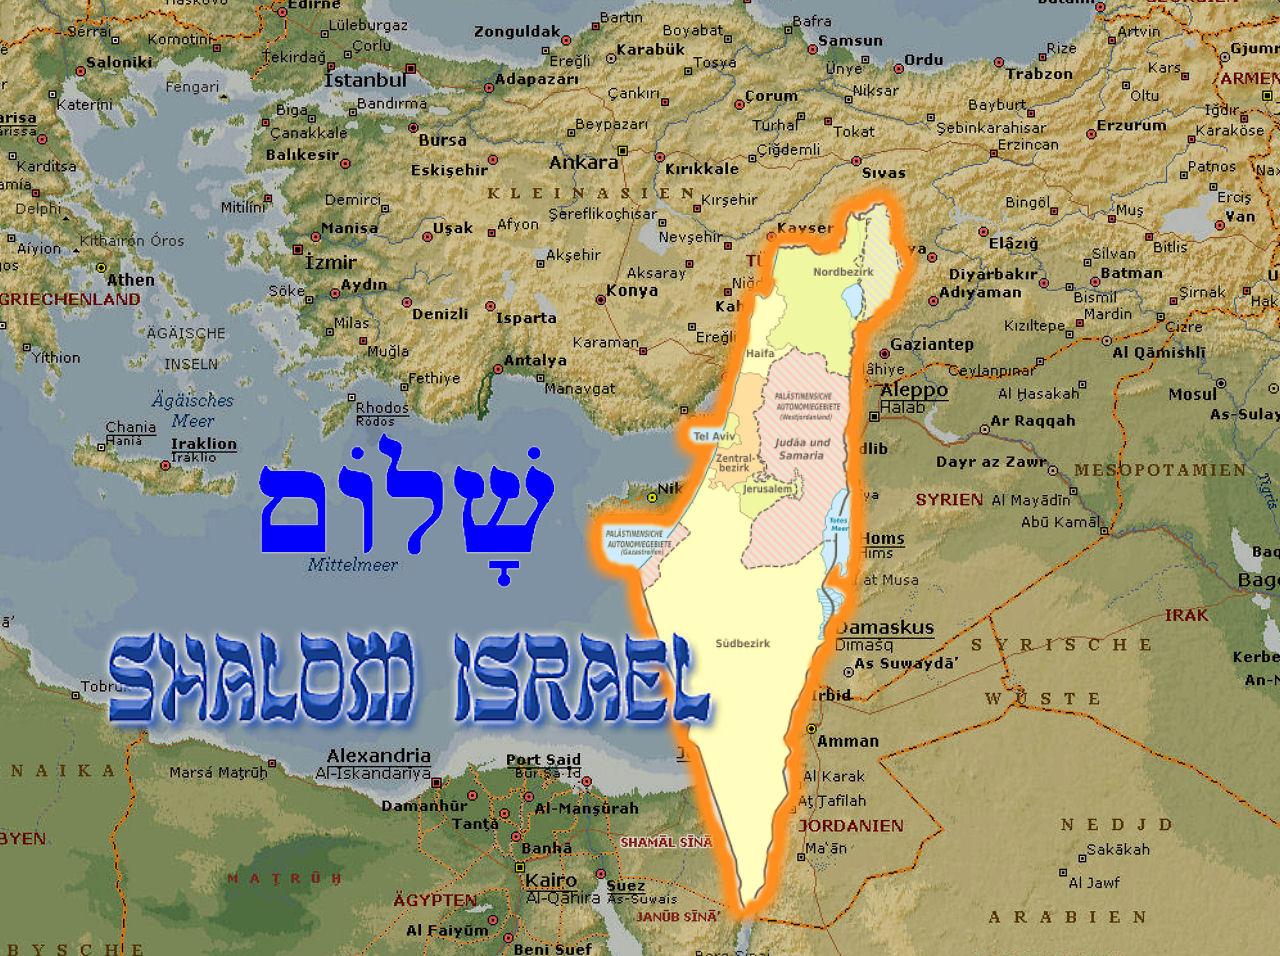 Multimediaschau Israel